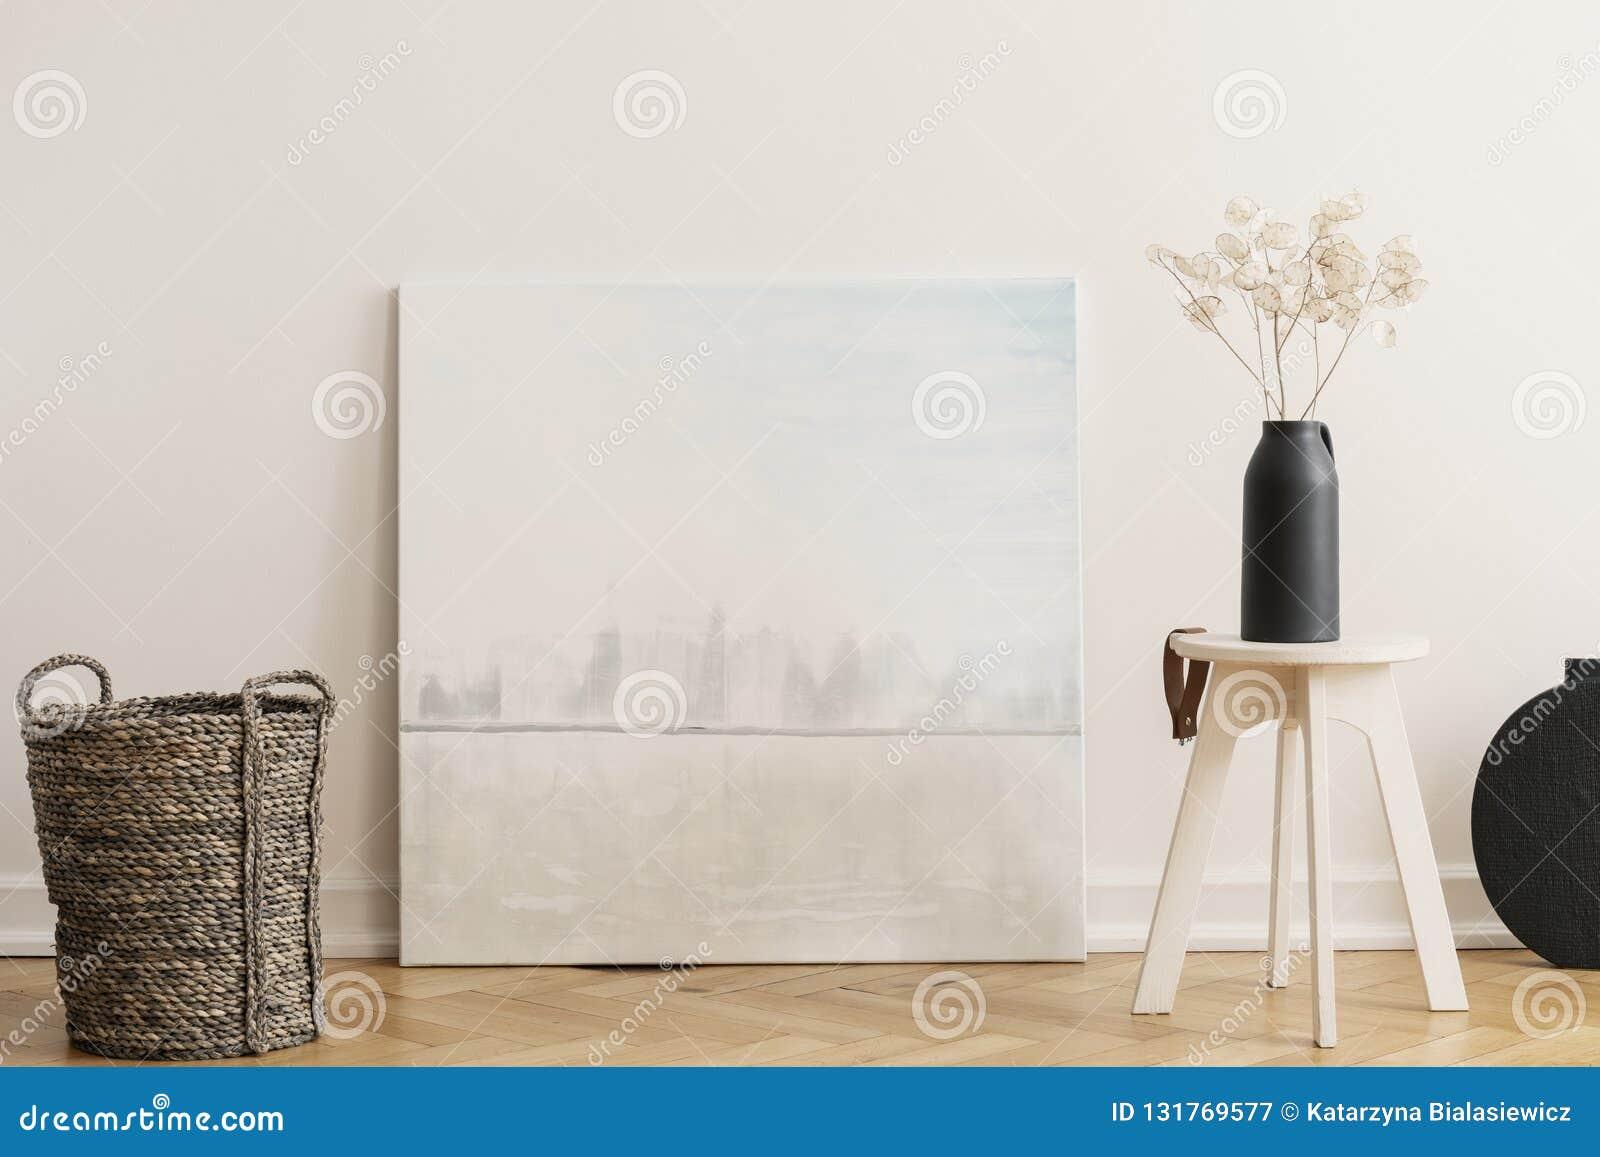 Rieten mand en houten lijst met zwarte vaas met bloemen, echte foto met model